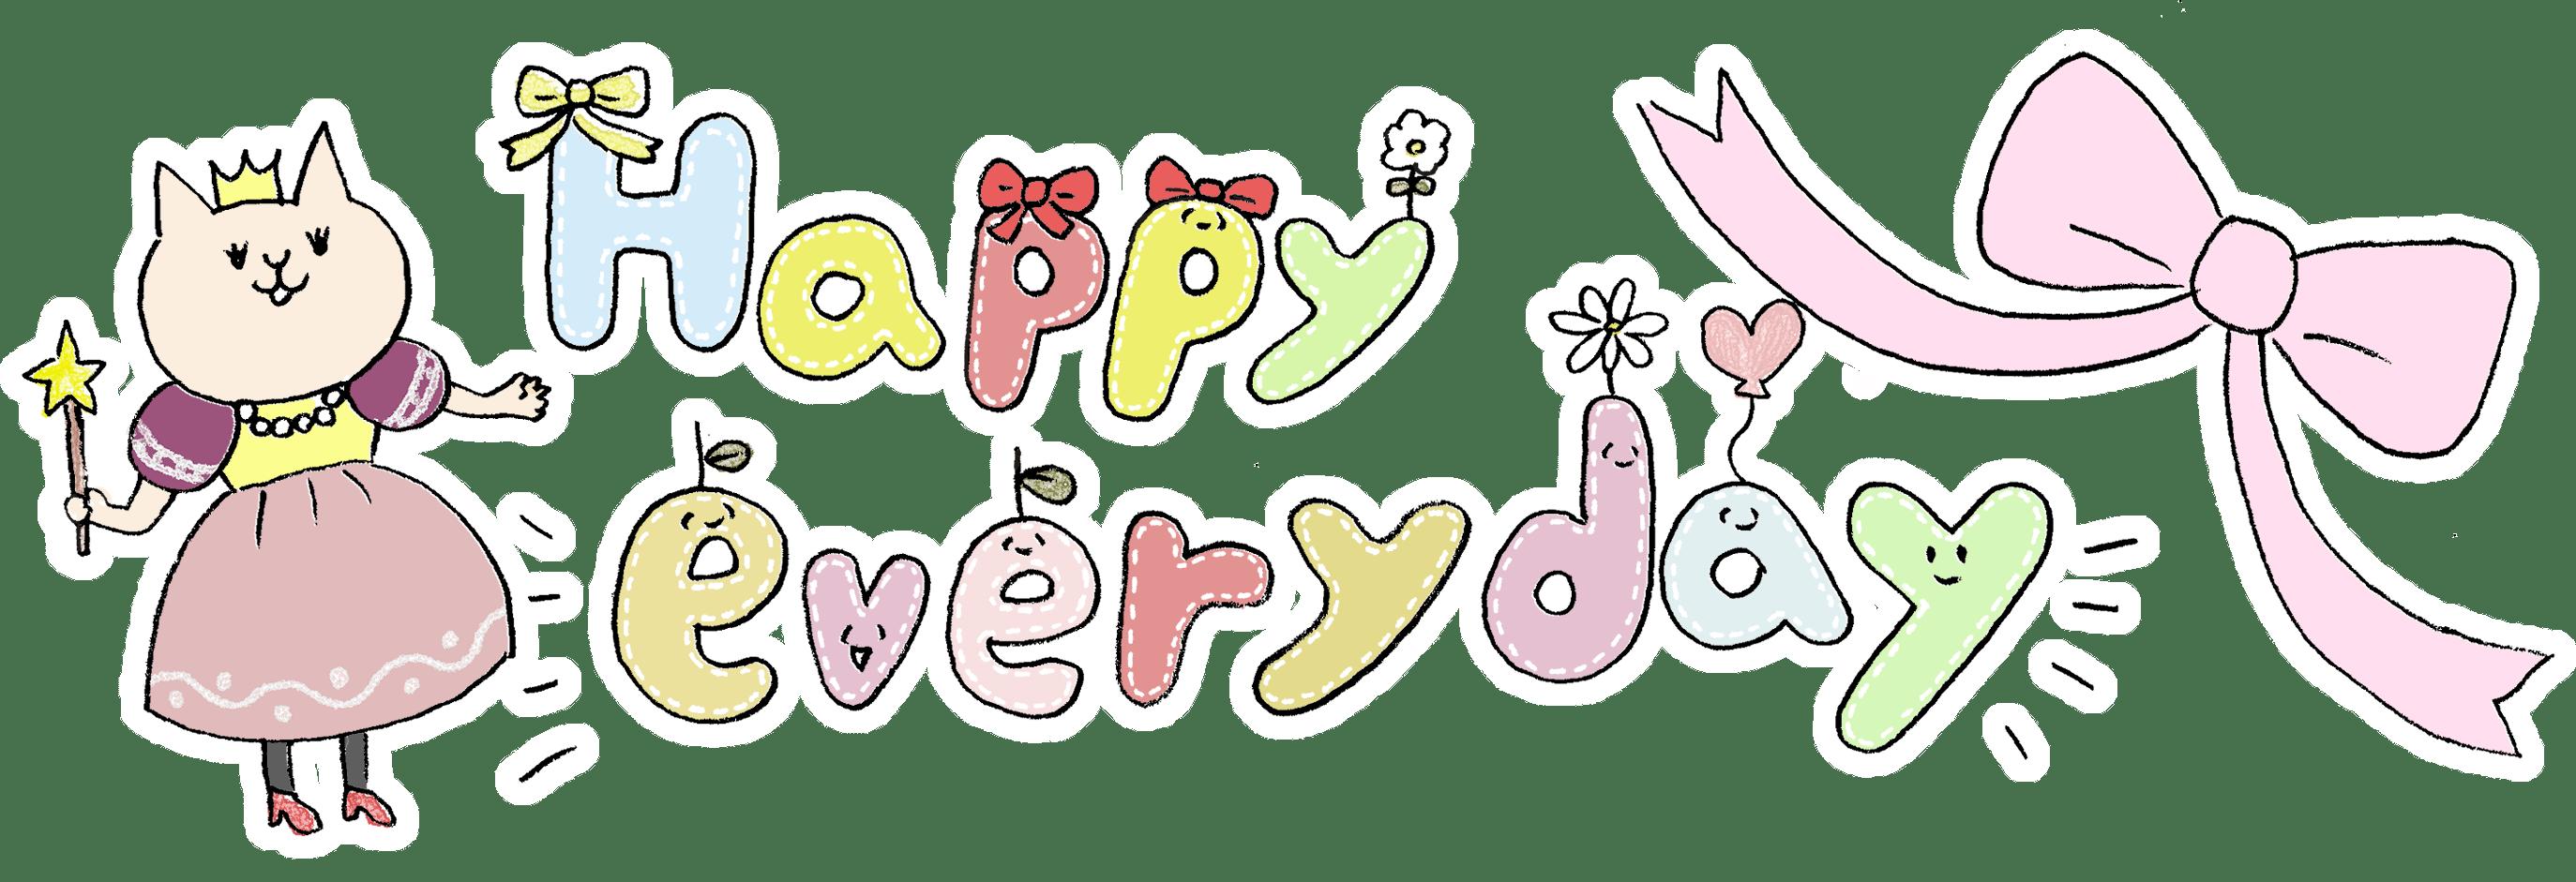 Happy everyday(幸せな毎日)・タイトル・文字イラスト:子供(女の子向け)のフォトブックスタンプ素材